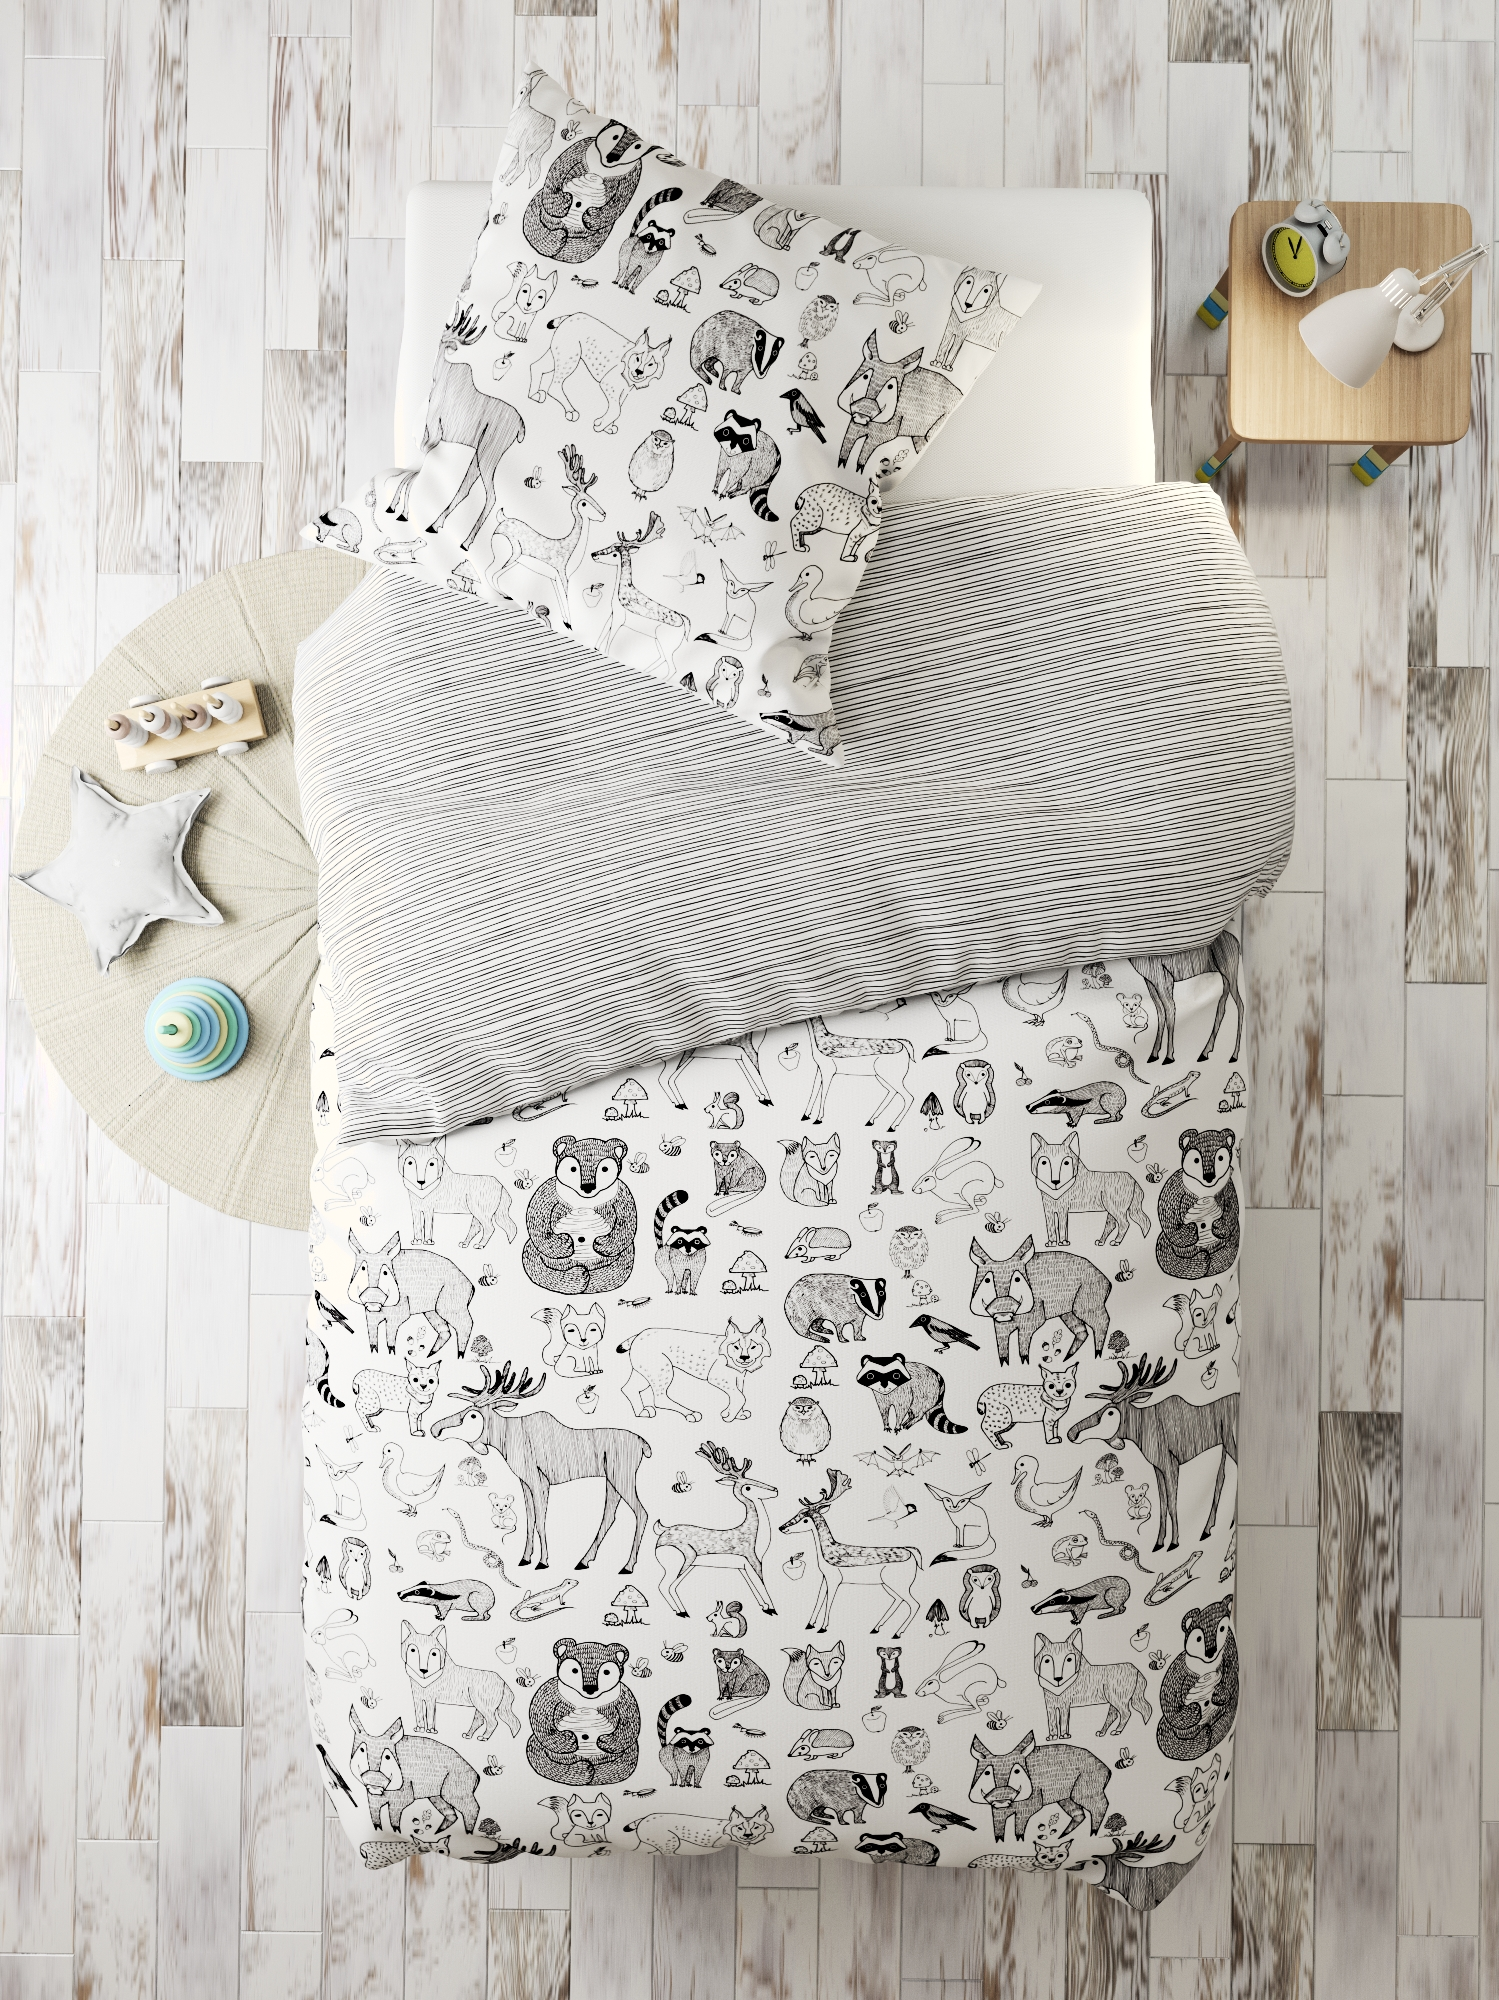 Комплект в кроватку Marengotextile Лесные звери, белый